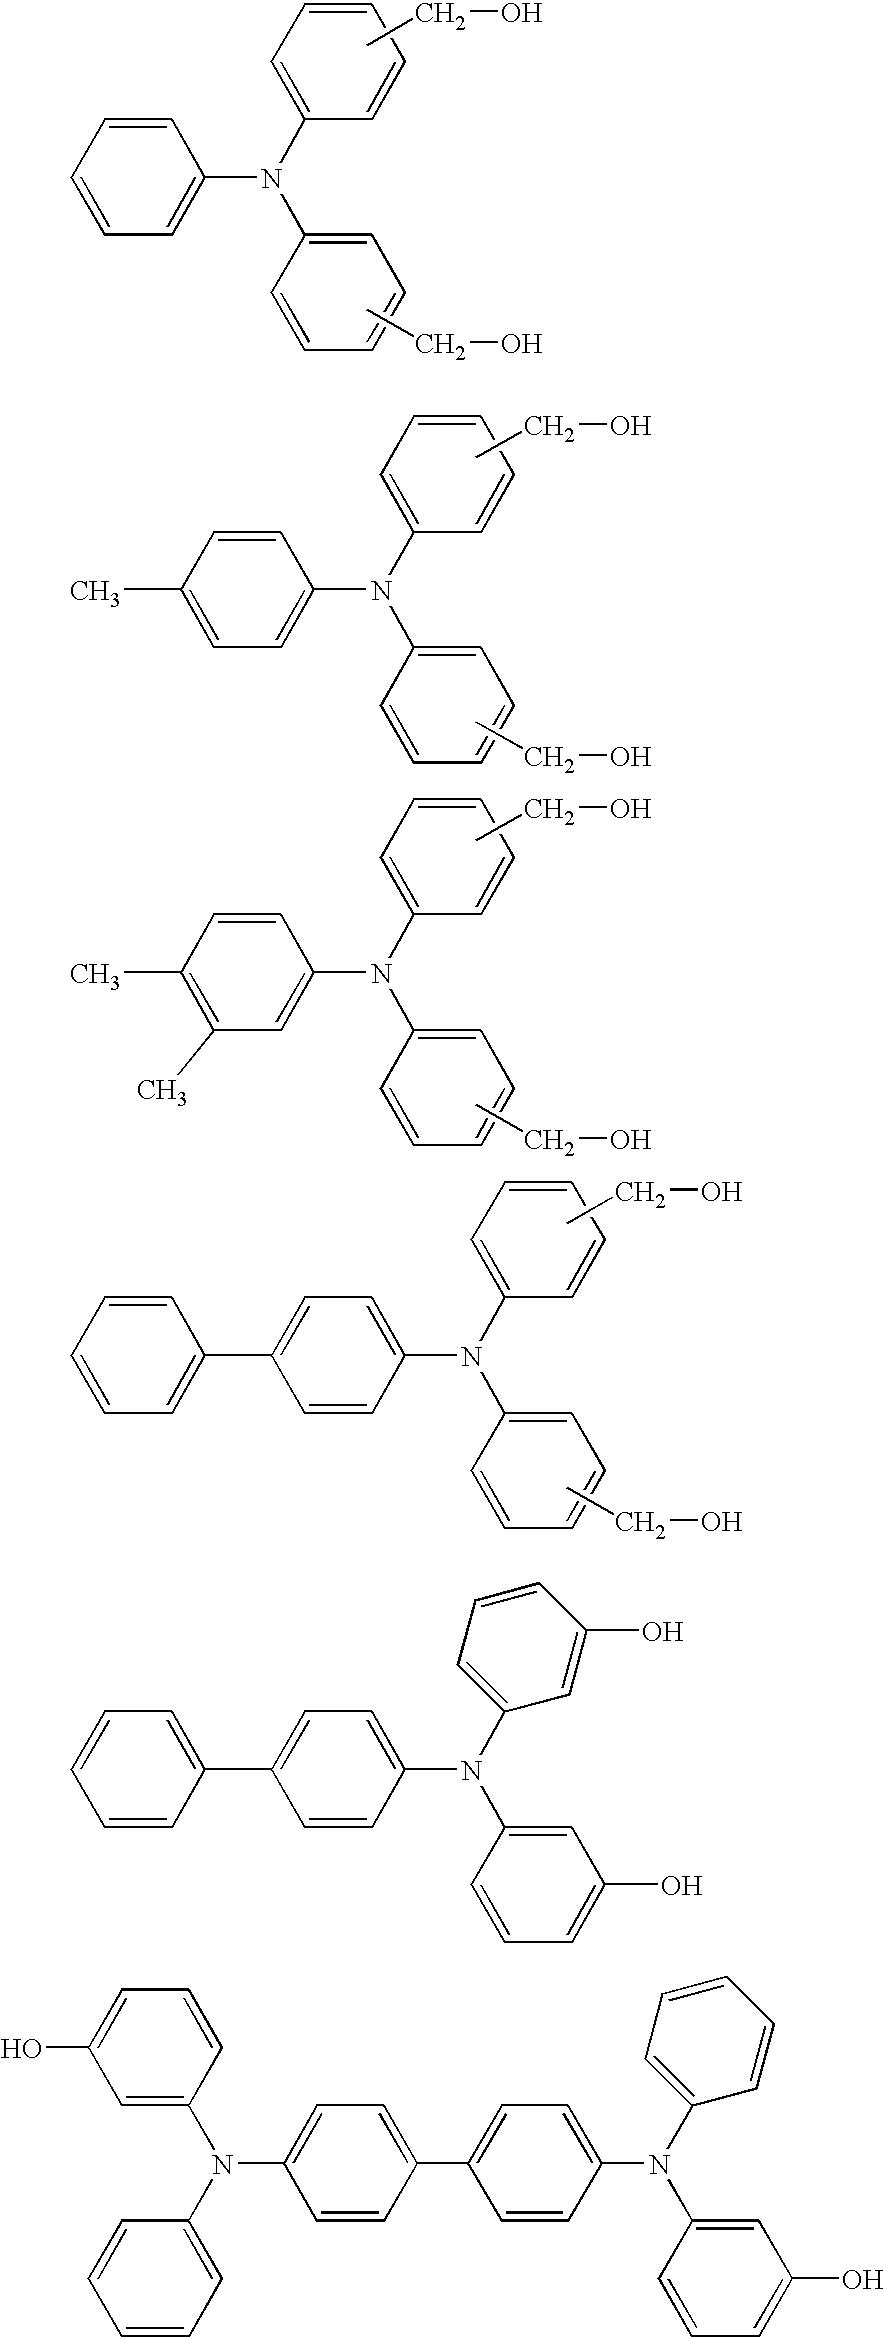 Figure US07645548-20100112-C00026